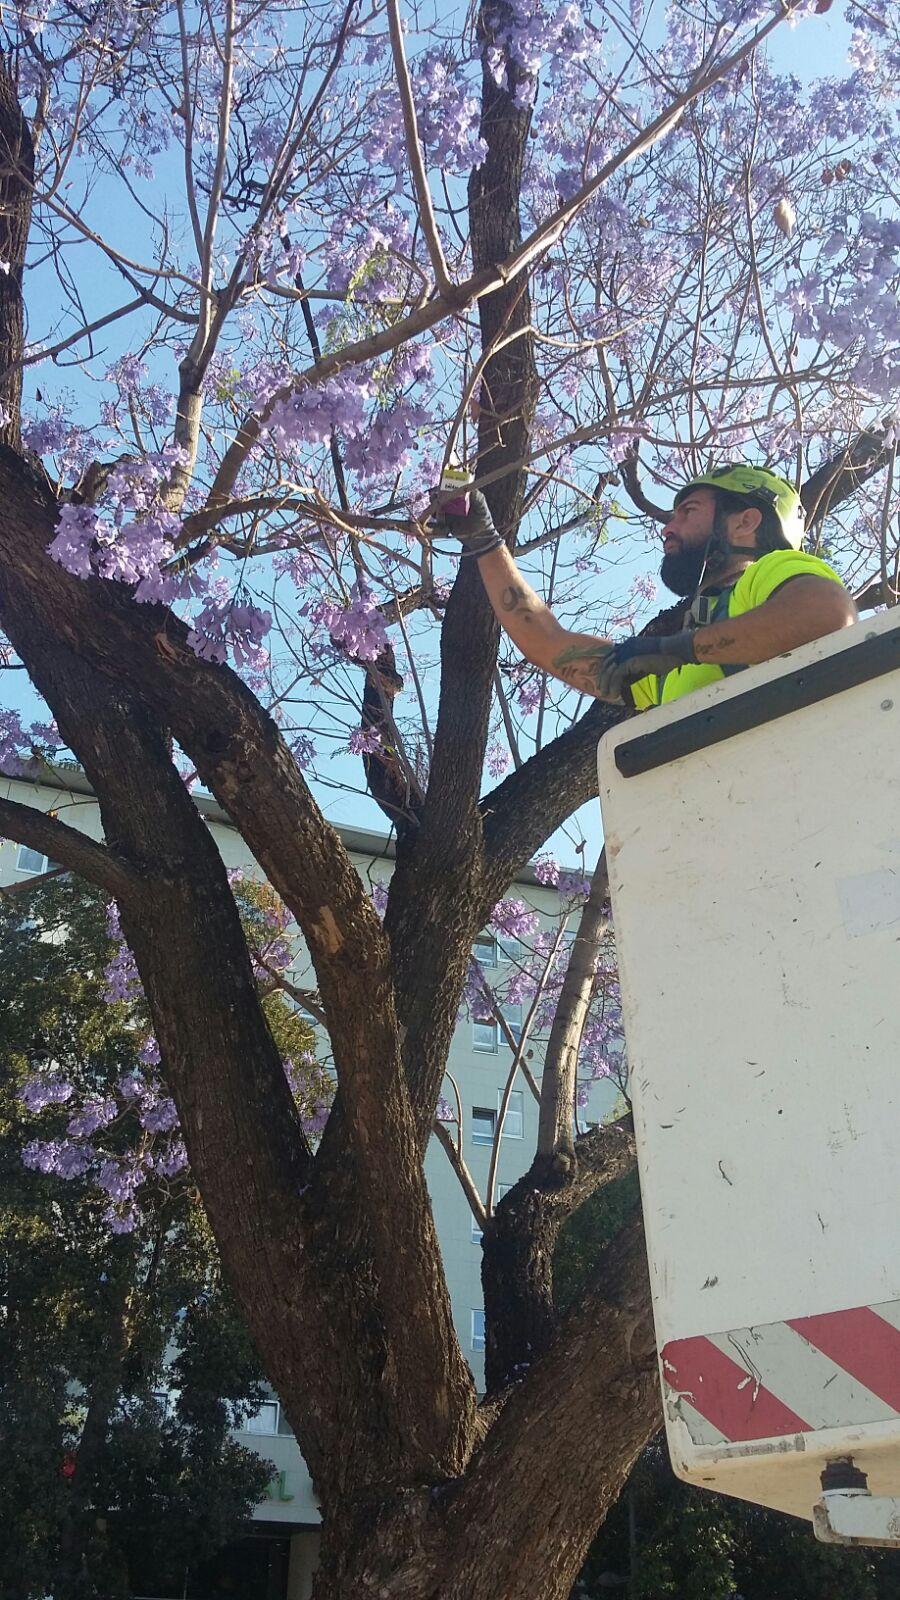 Un operario, instalando una caja de larvas de insectos para la lucha biológica. Imagen: Ayto. de Murcia